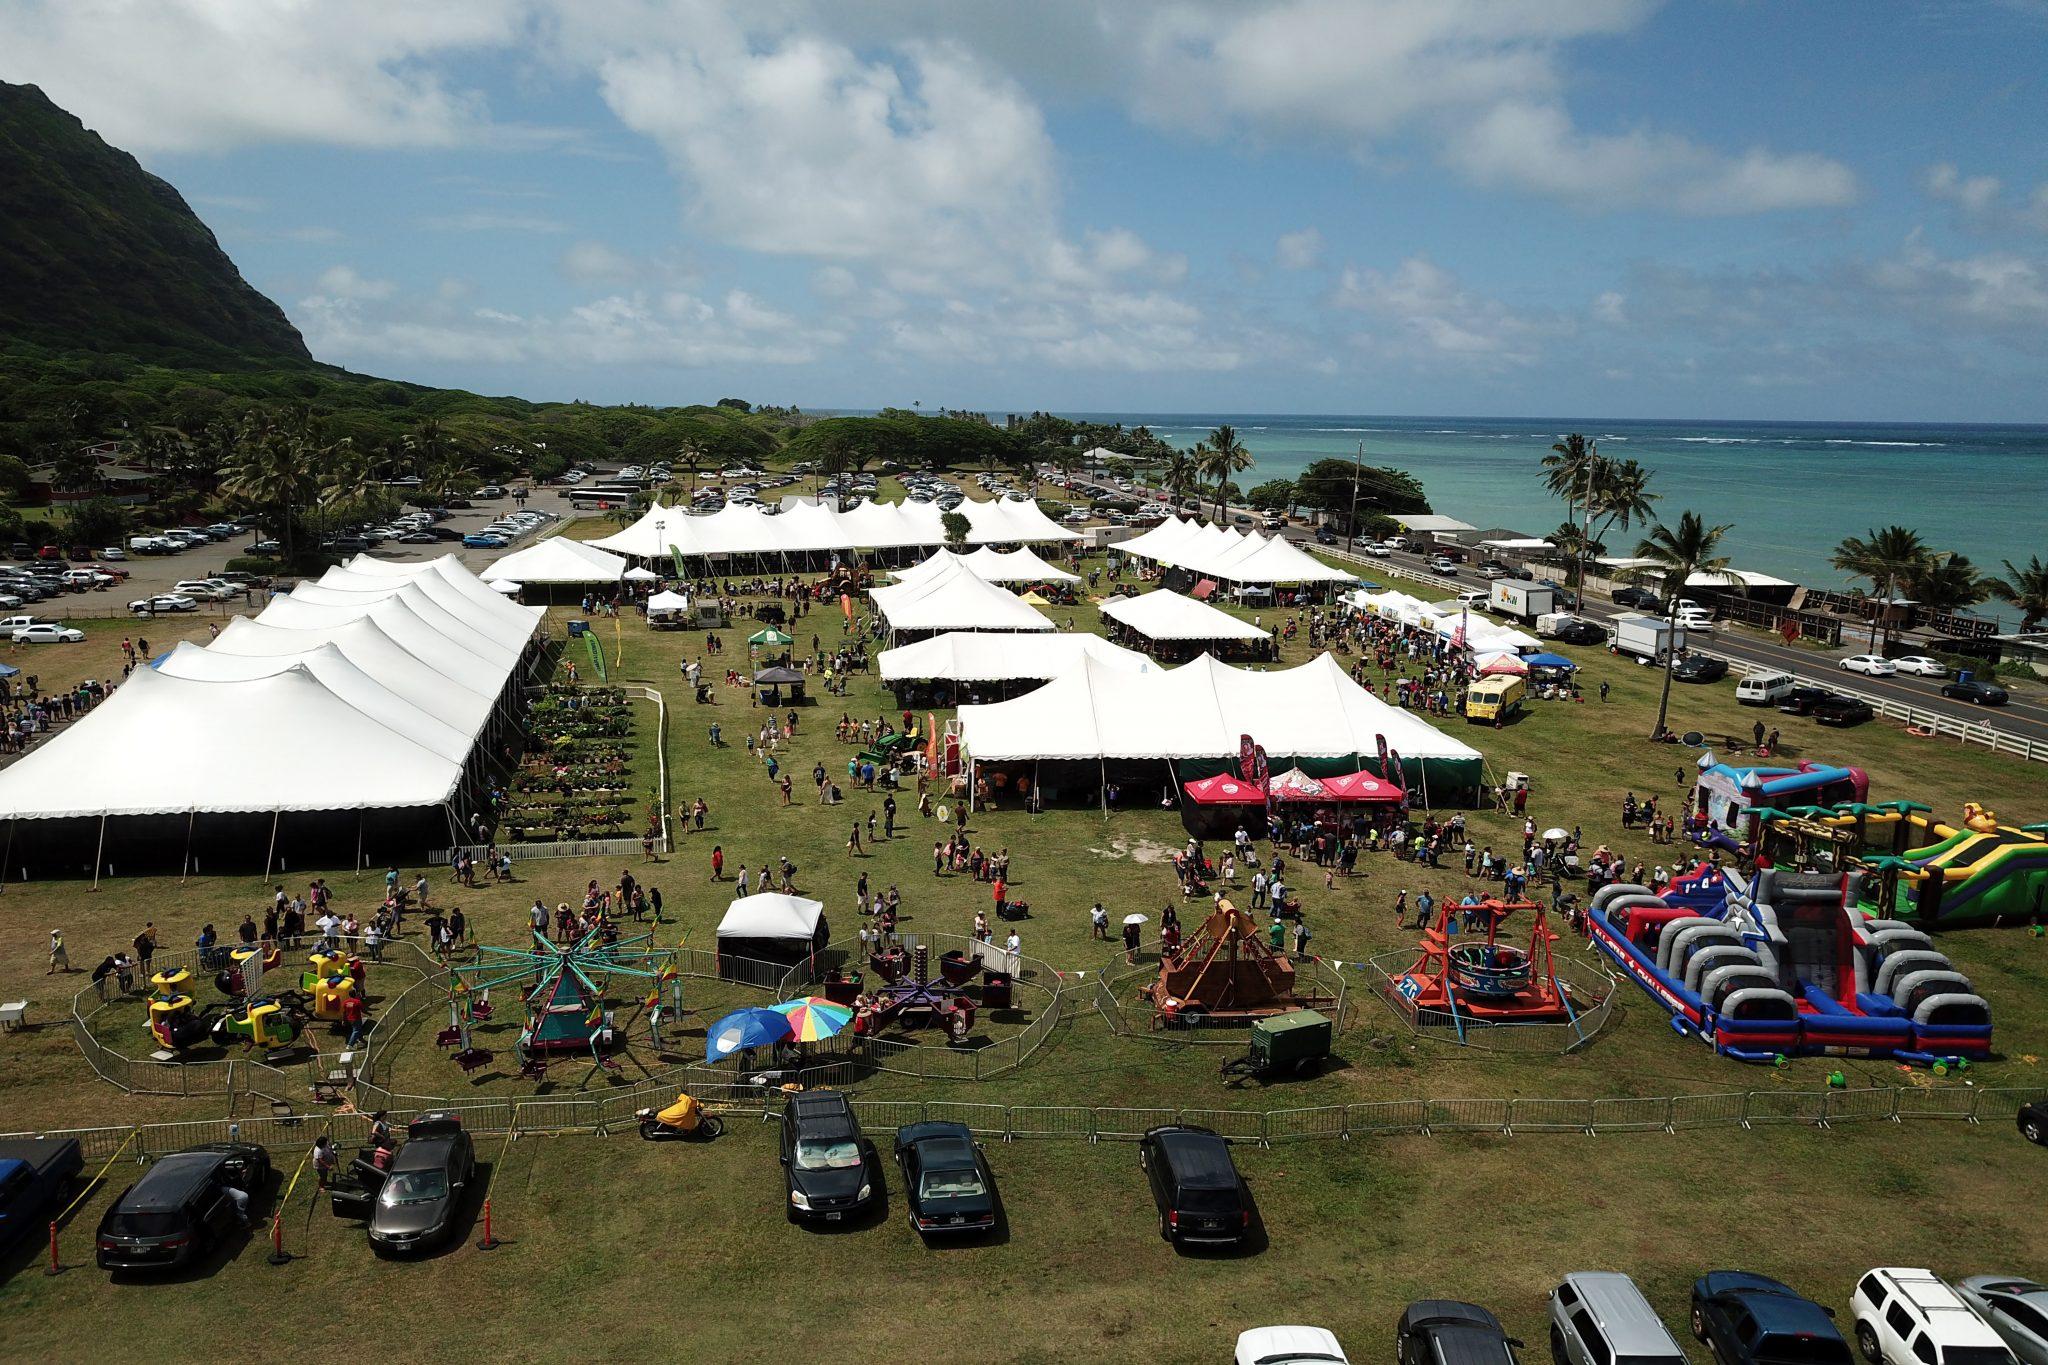 57th ANNUAL HAWAII STATE FARM FAIR